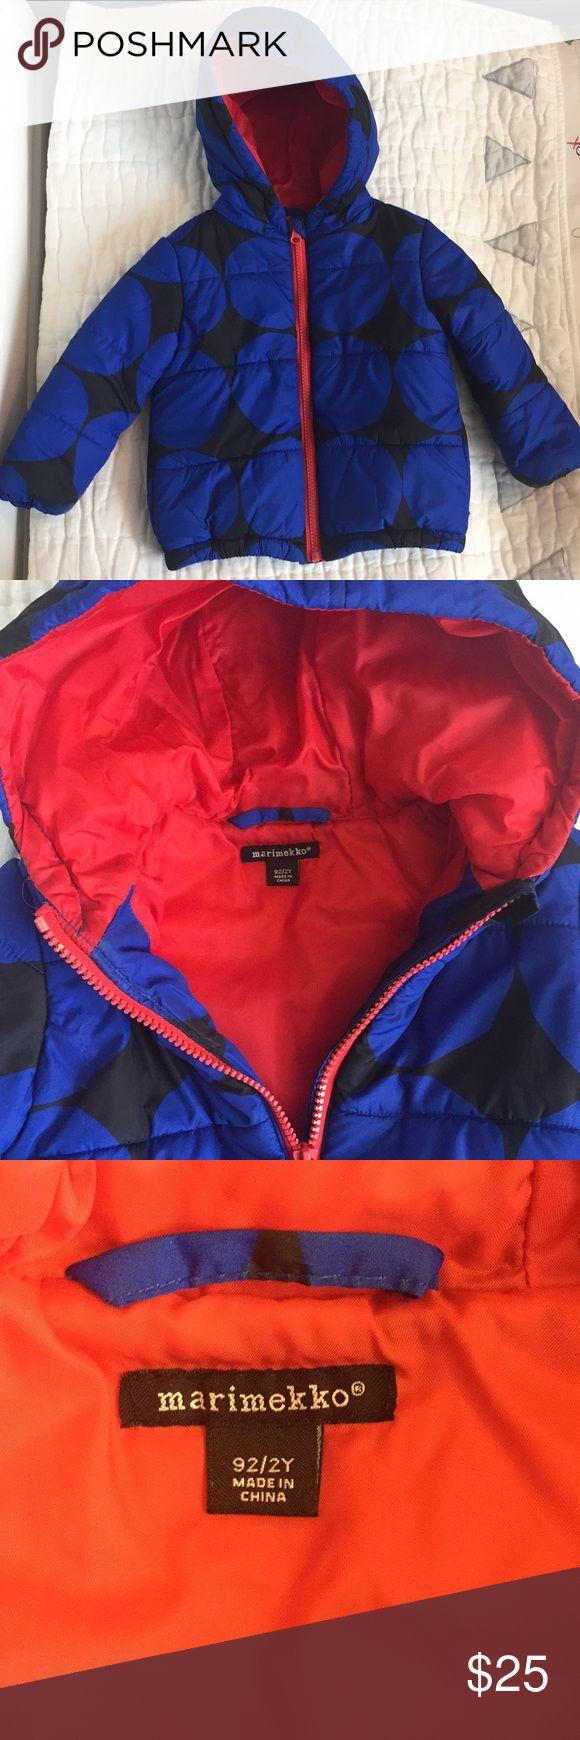 Marimekko puffer jacket Red puffer jacket, Jackets